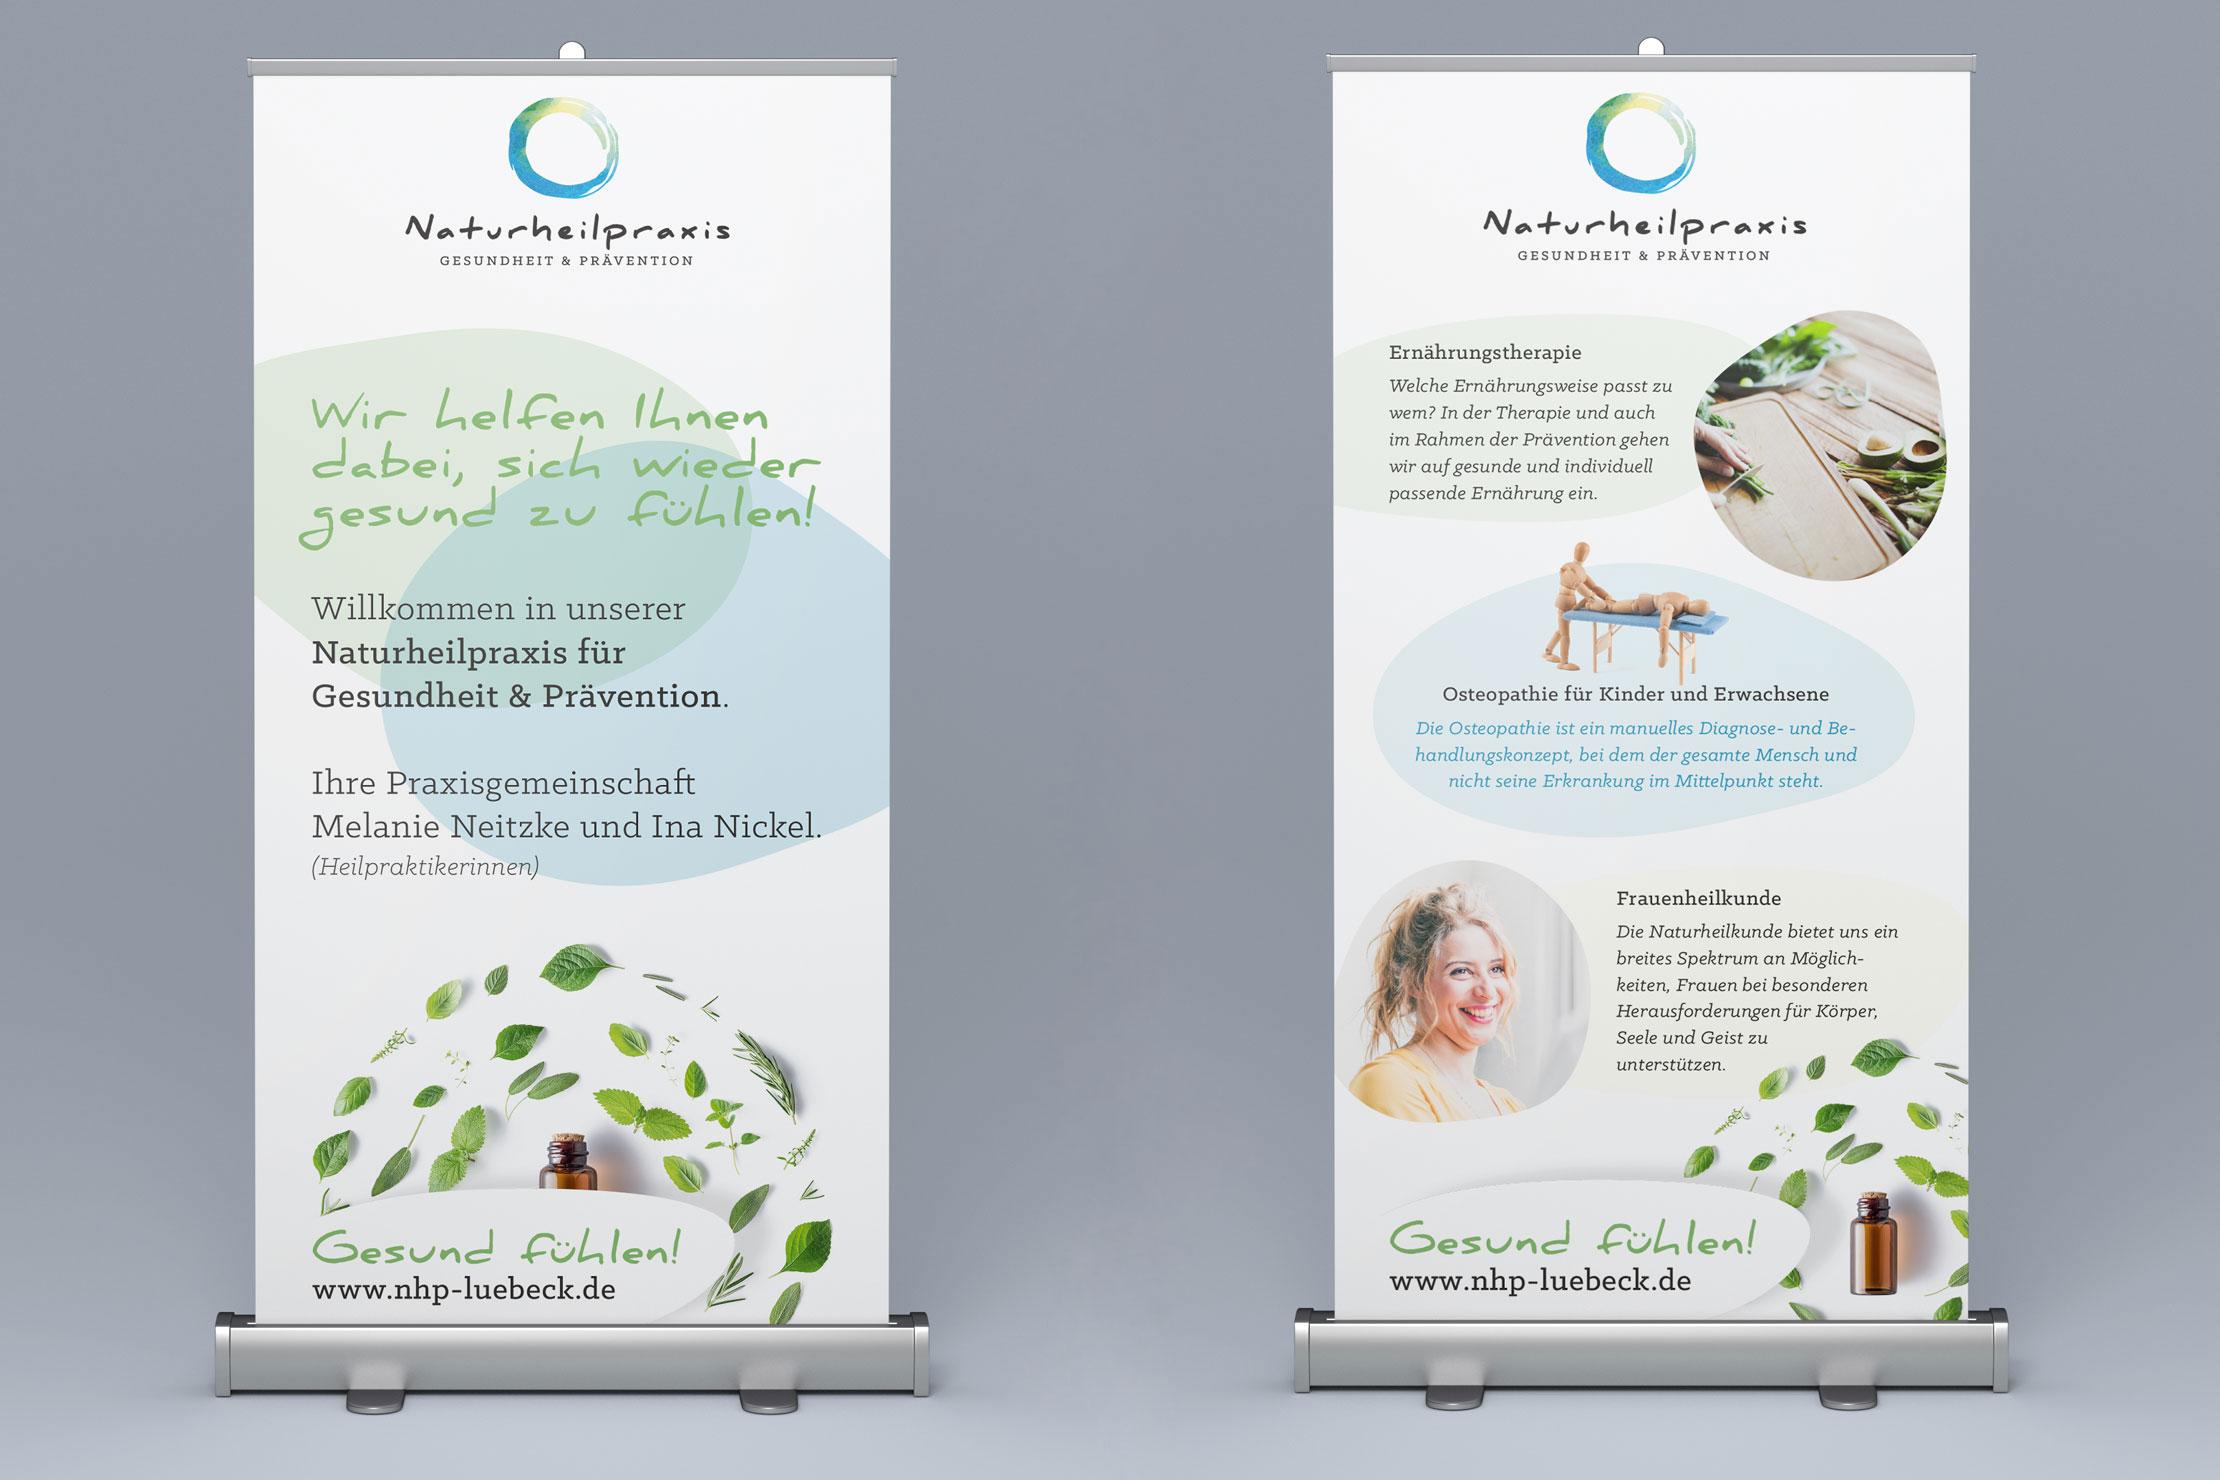 Printdesign Naturheilpraxis für Naturheilkunde und Osteopathie